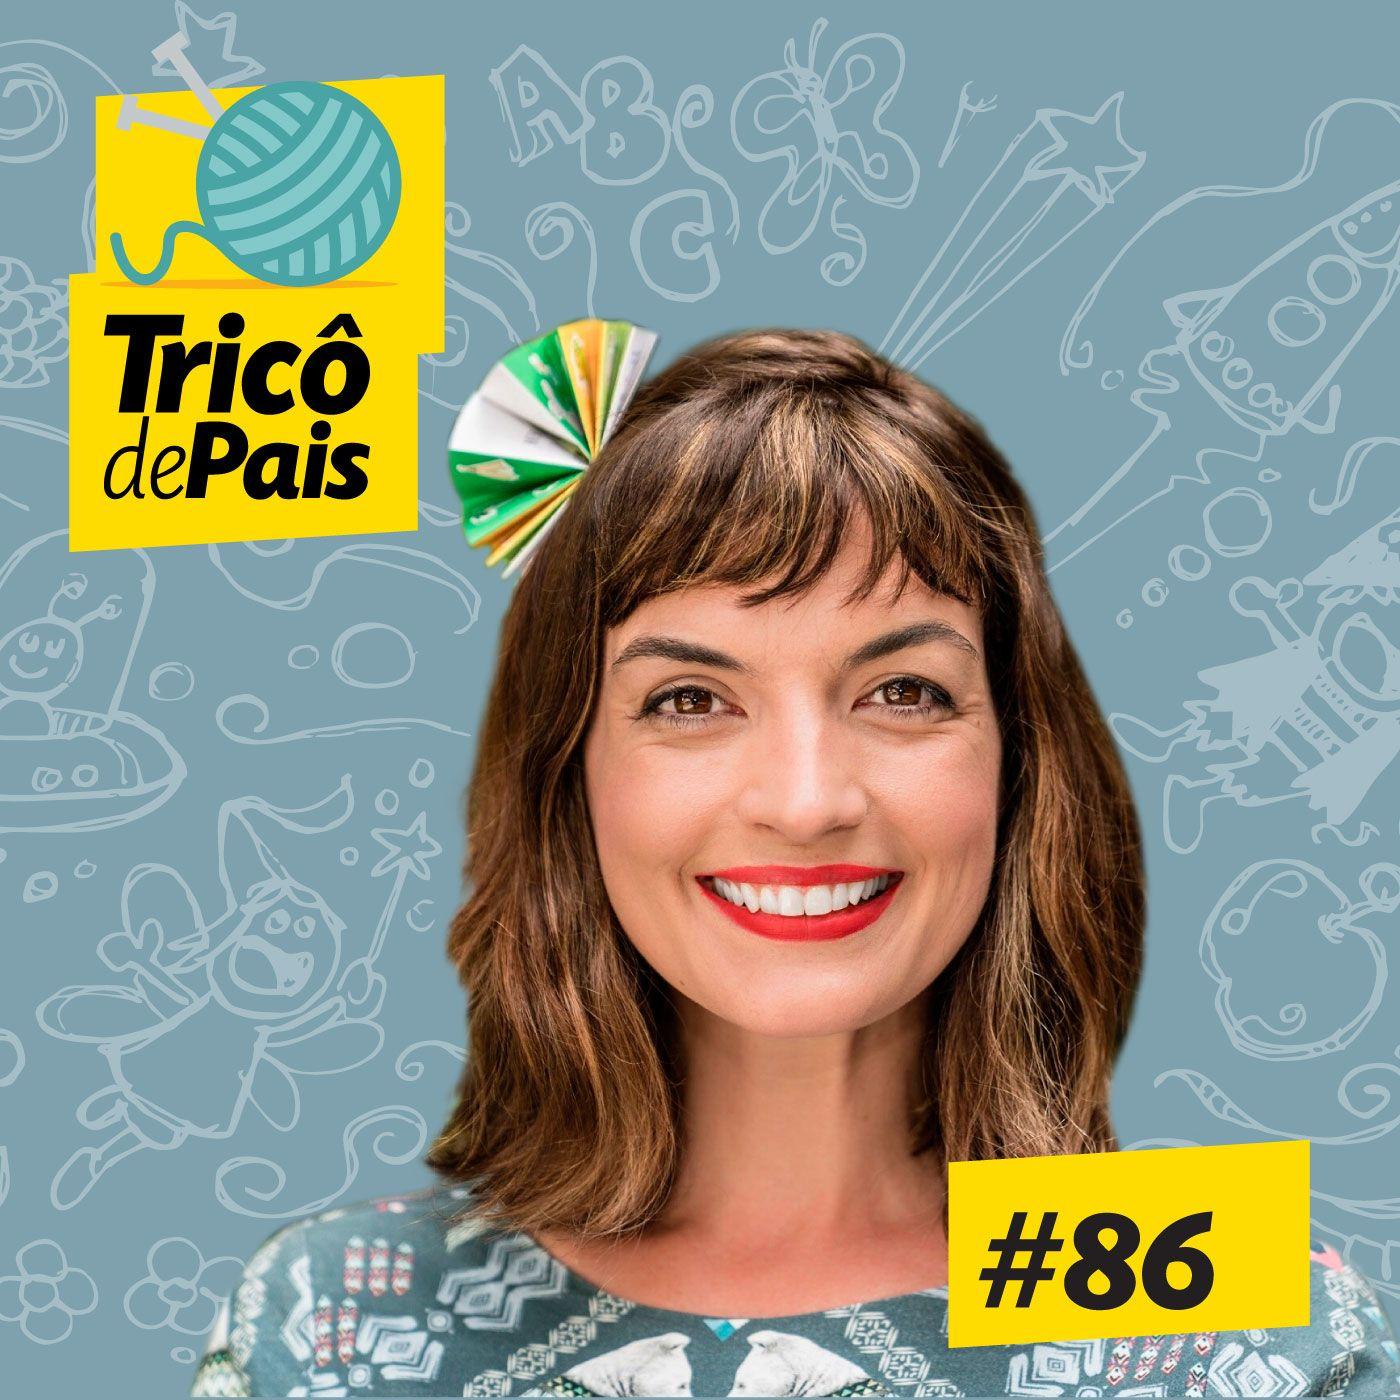 #86 - Histórias Infantis feat. Fafá Conta